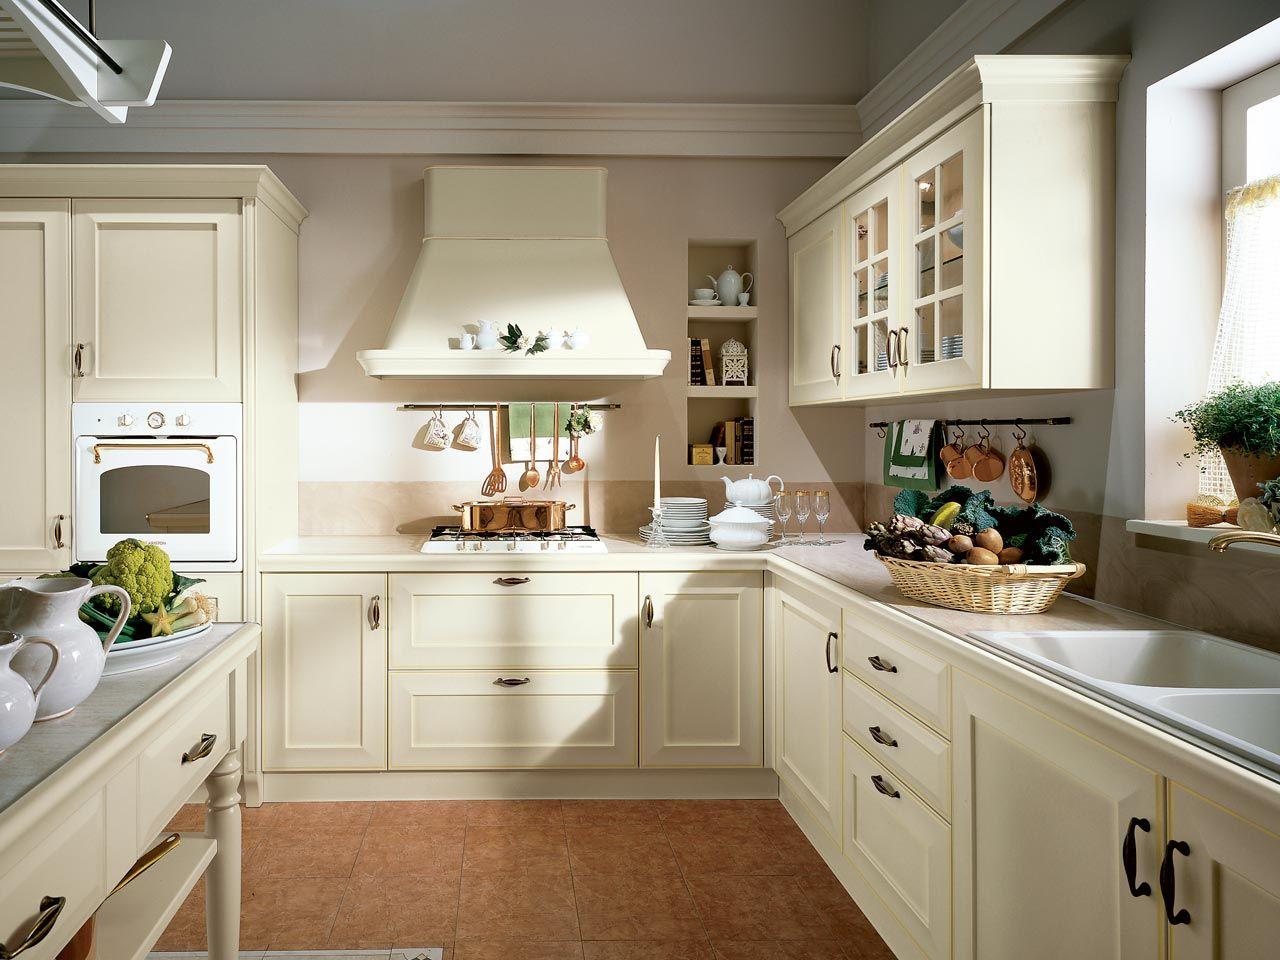 Velia laccata cucina lube classica nel 2019 idee per for Stosa cucine verona